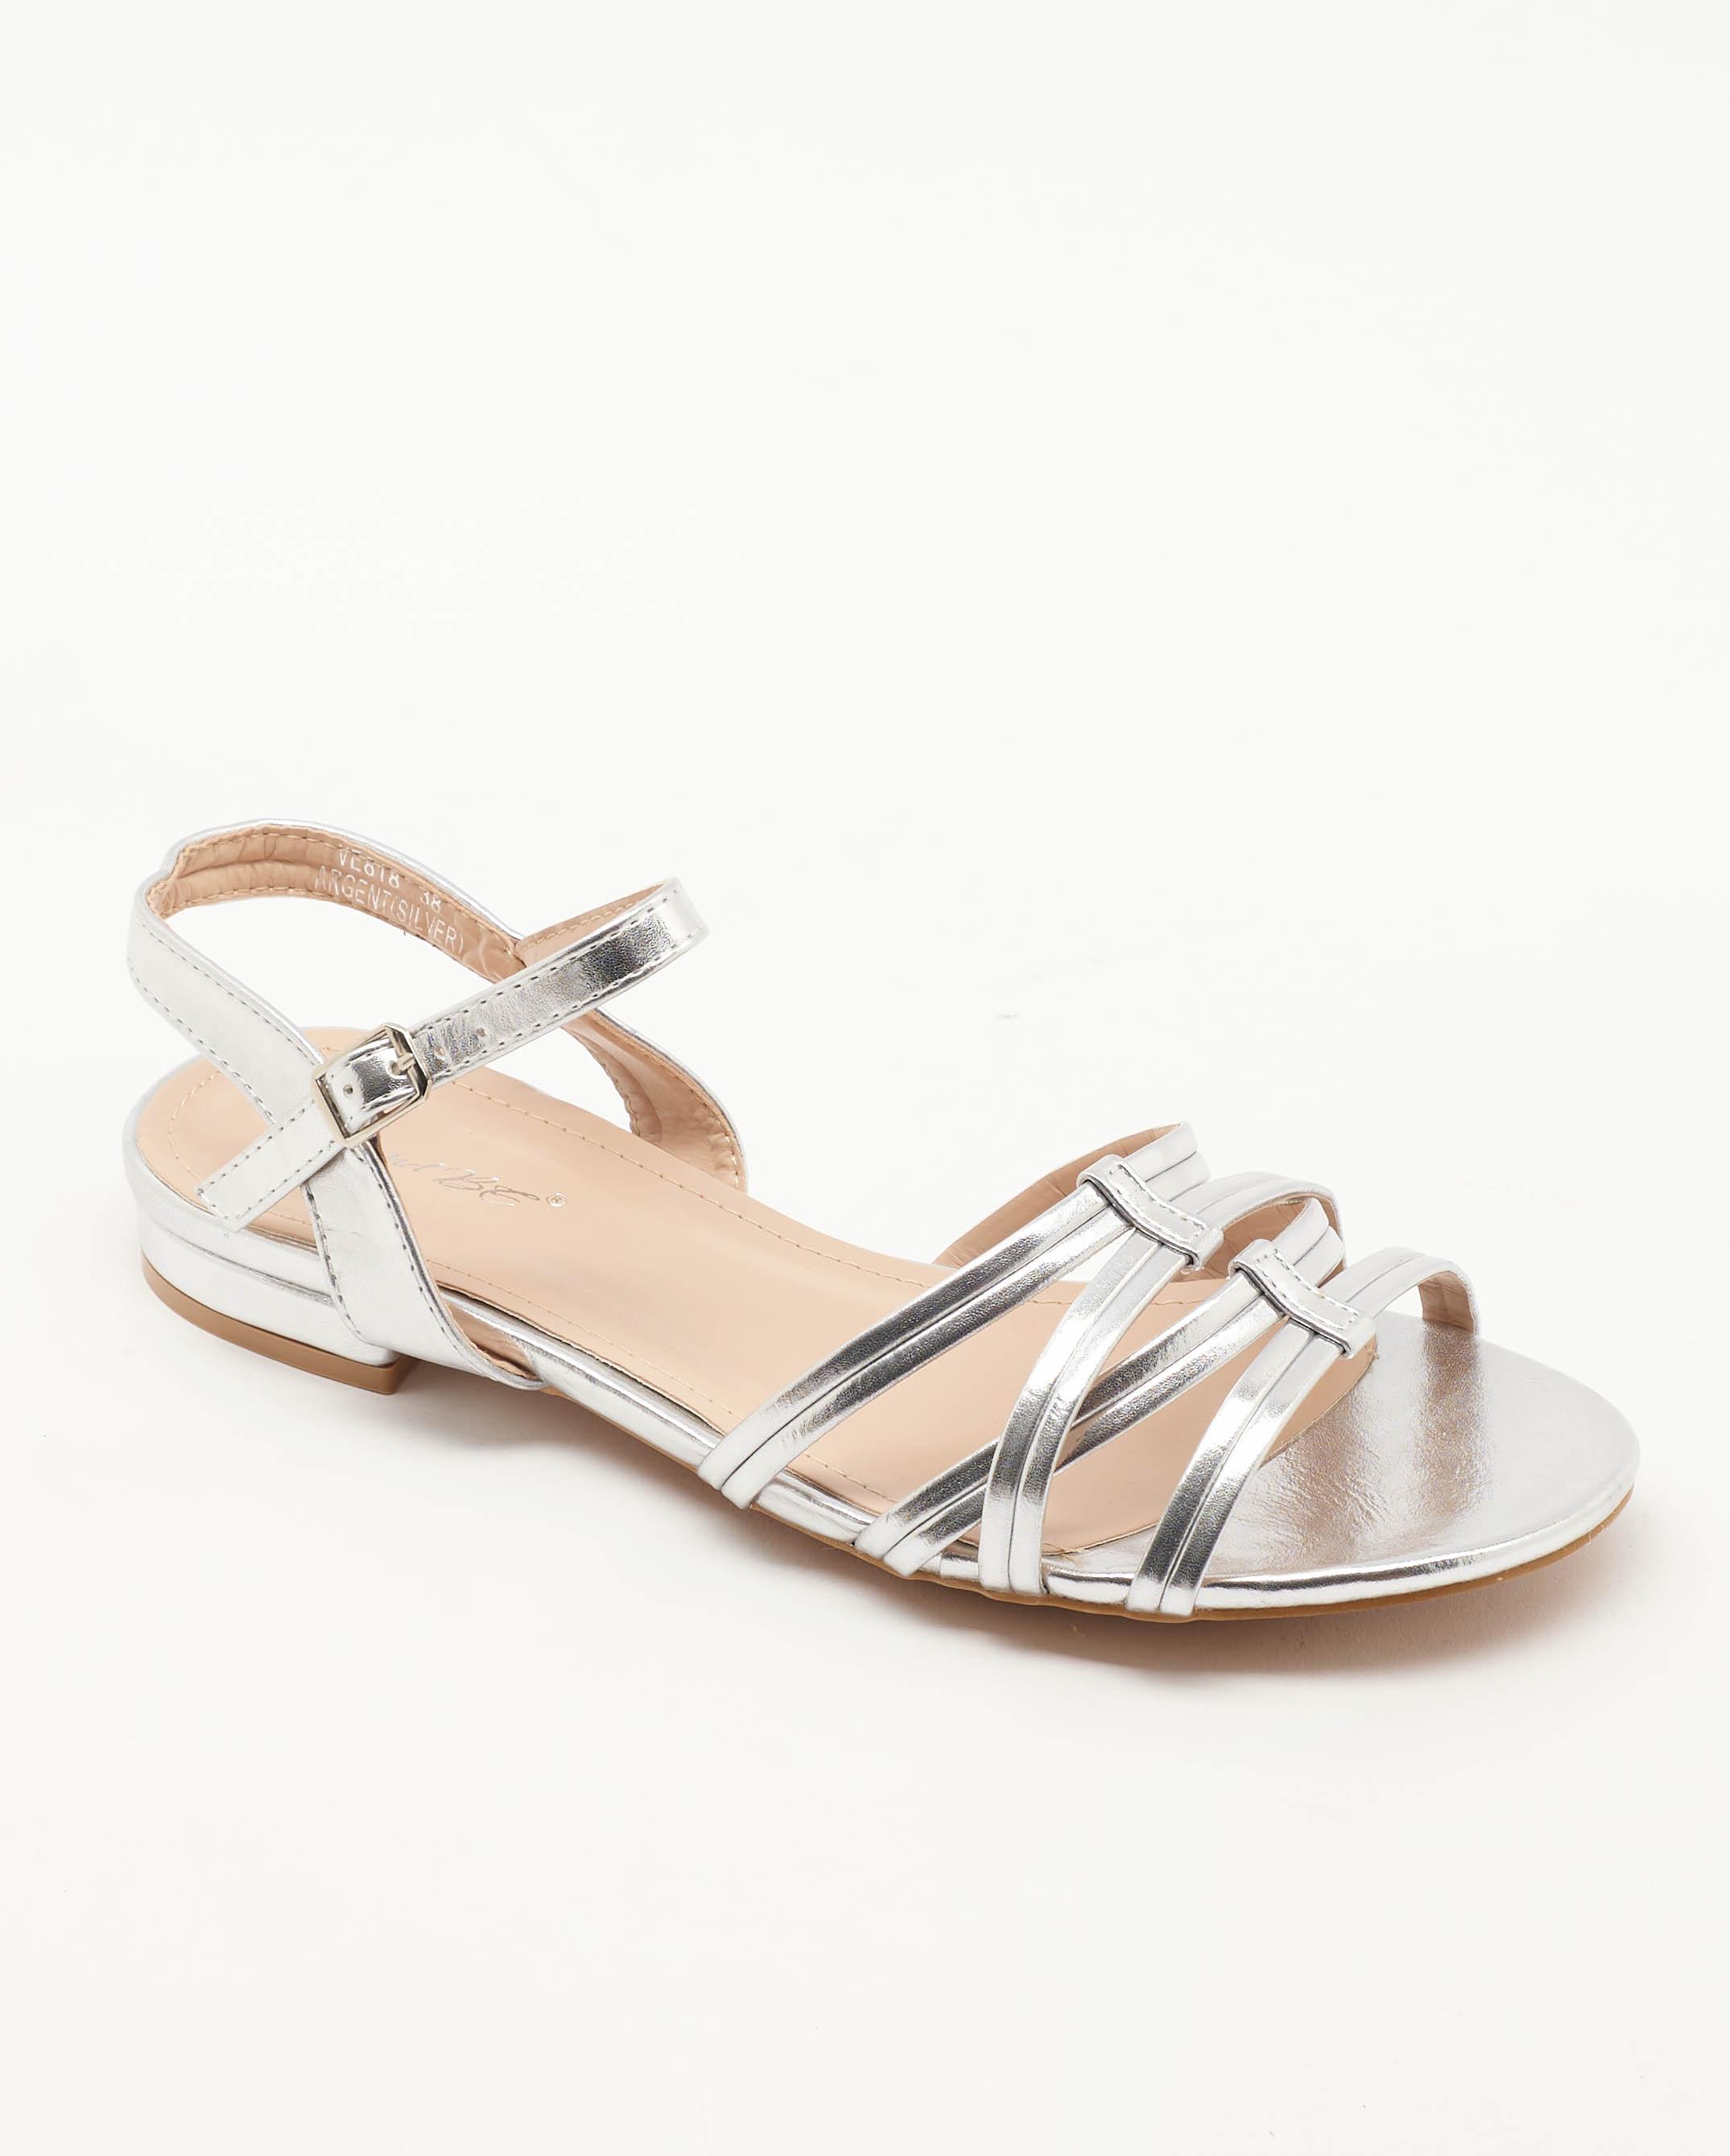 Sandales Plates Femme - Sandale Plate Argent Jina - Ve818